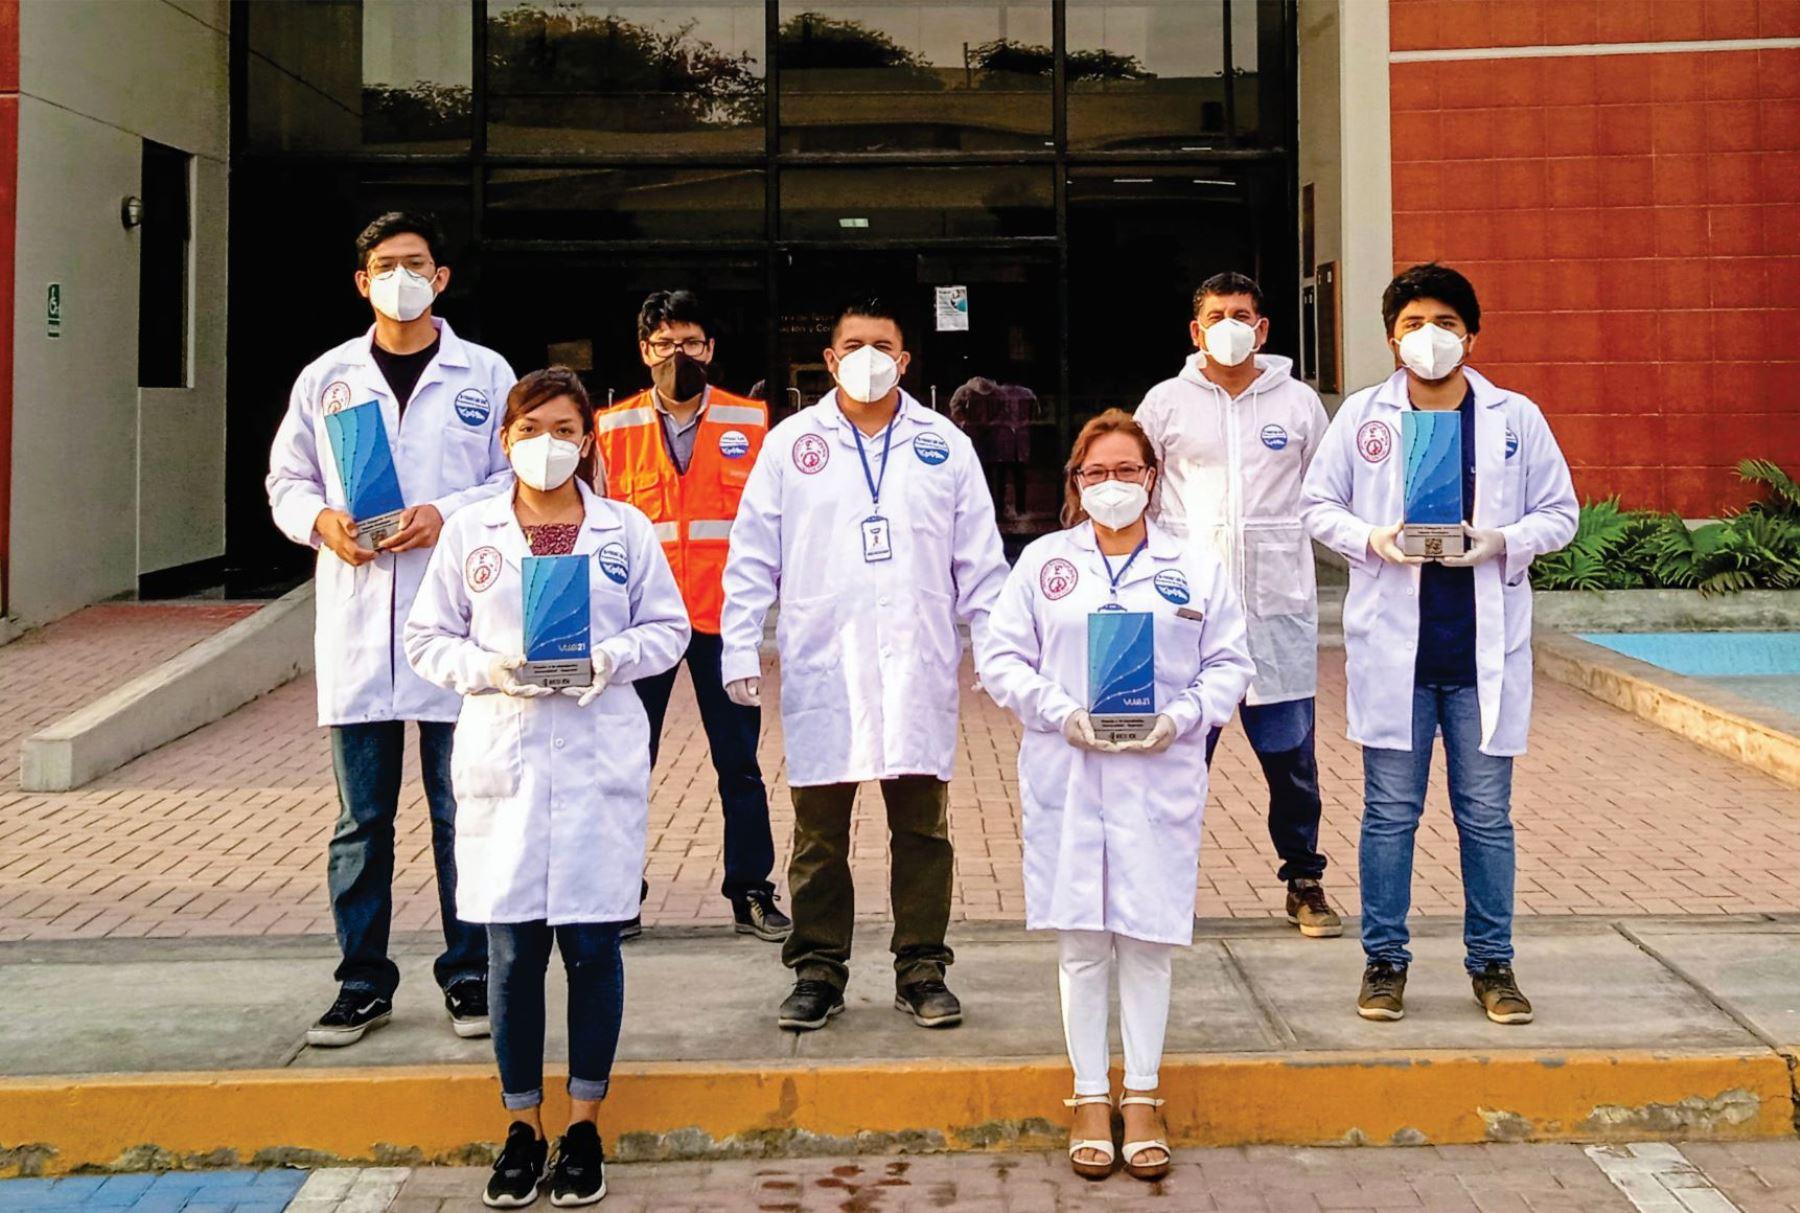 Equipo creador de cascos de oxigenación. Foto: Cortesía